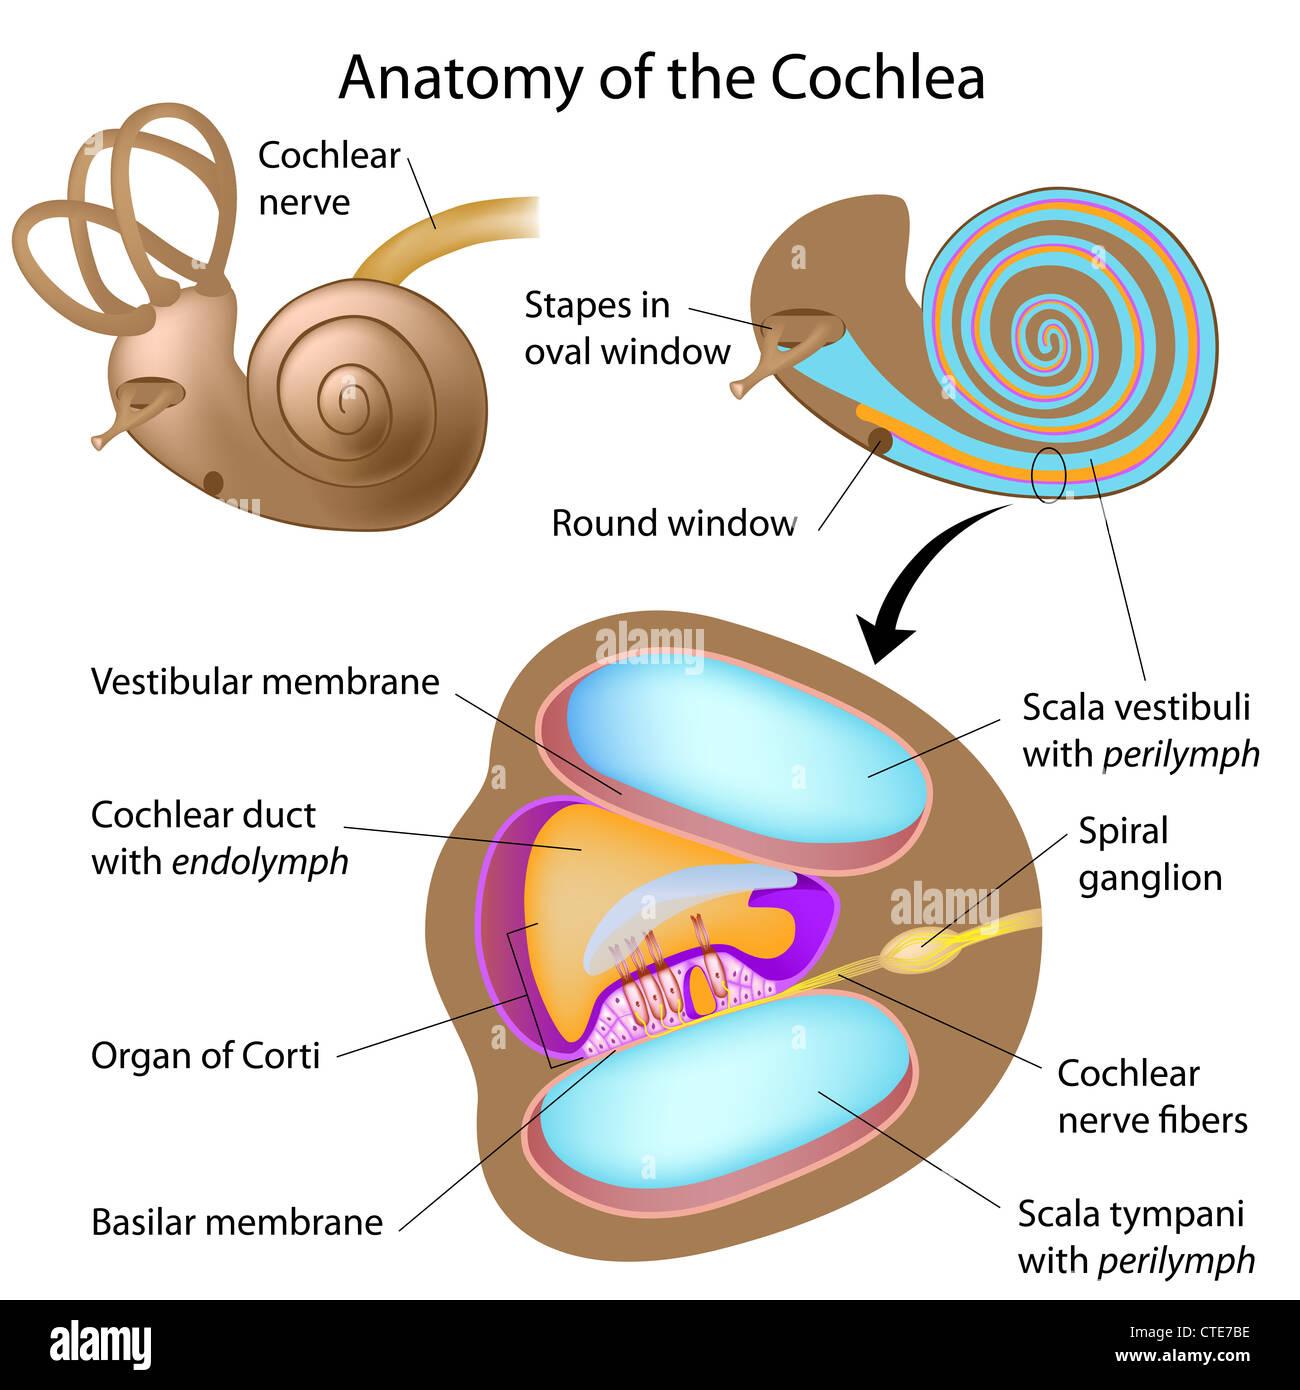 Anatomie der Cochlea des menschlichen Ohres Stockfoto, Bild ...